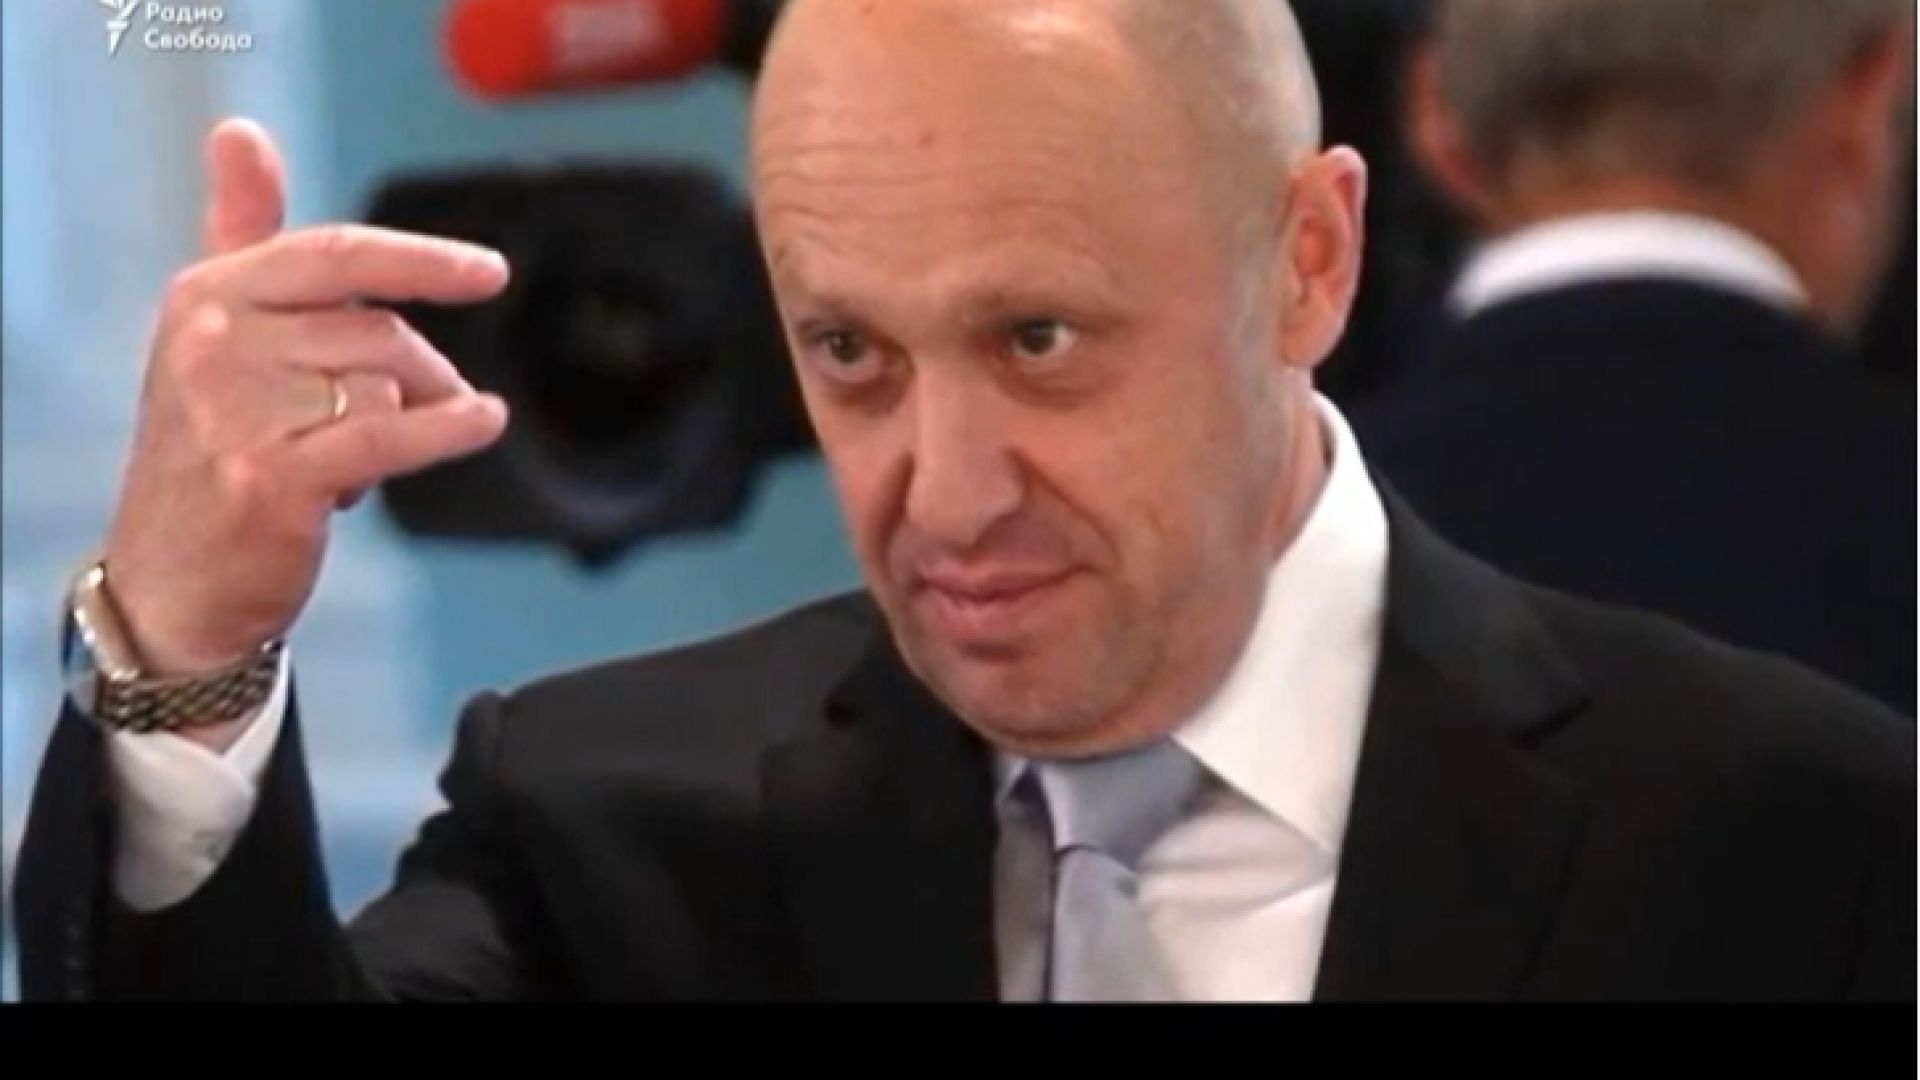 """""""Готвачът"""" на Путин иска от Навални 840 000 евро заради клевета"""